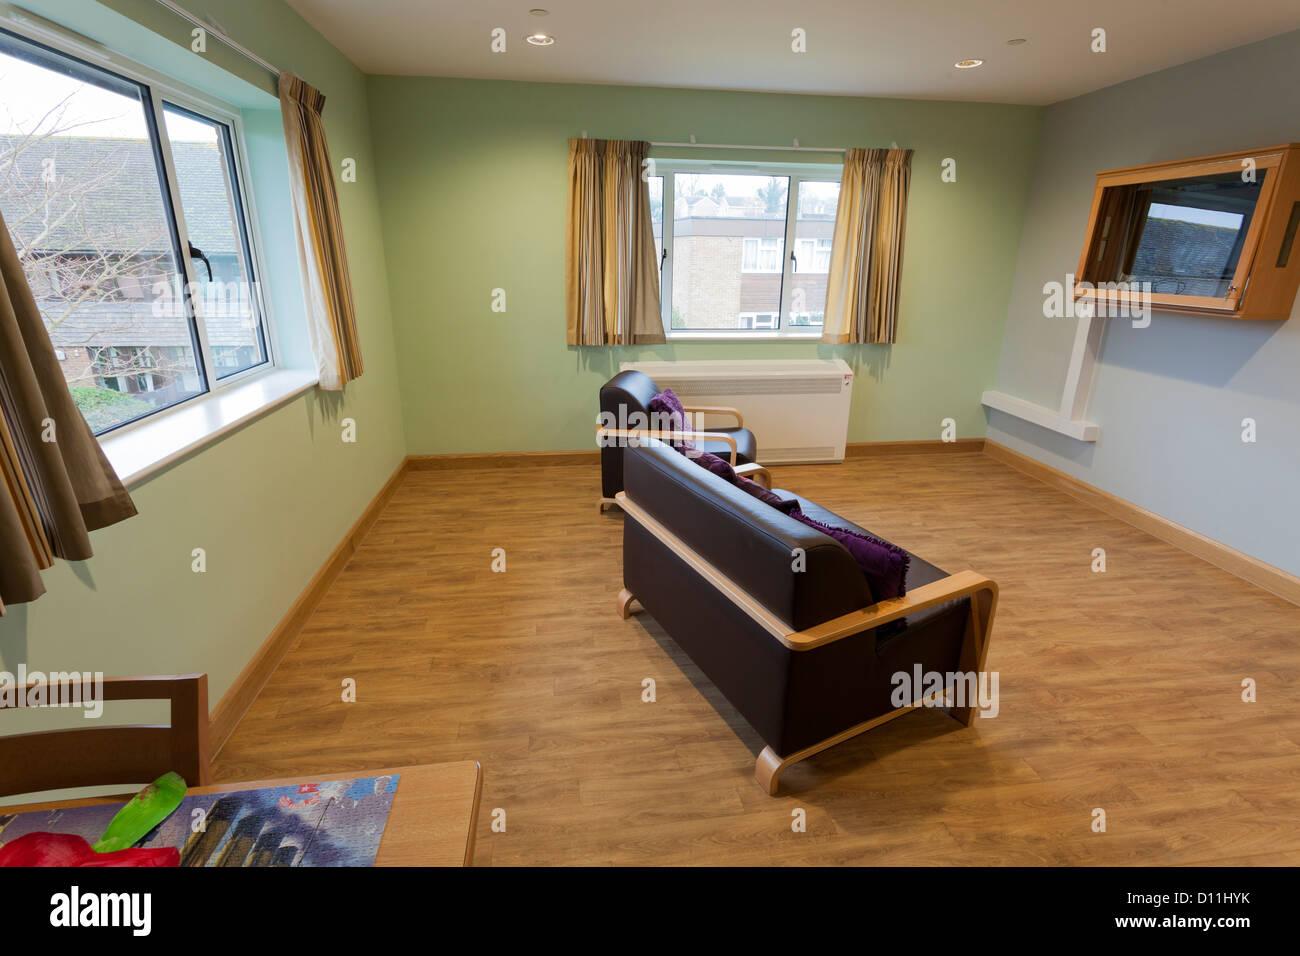 Accueil Soins, comportement difficile dans le salon avec écran en polycarbonate protégé de la télévision. Photo Stock